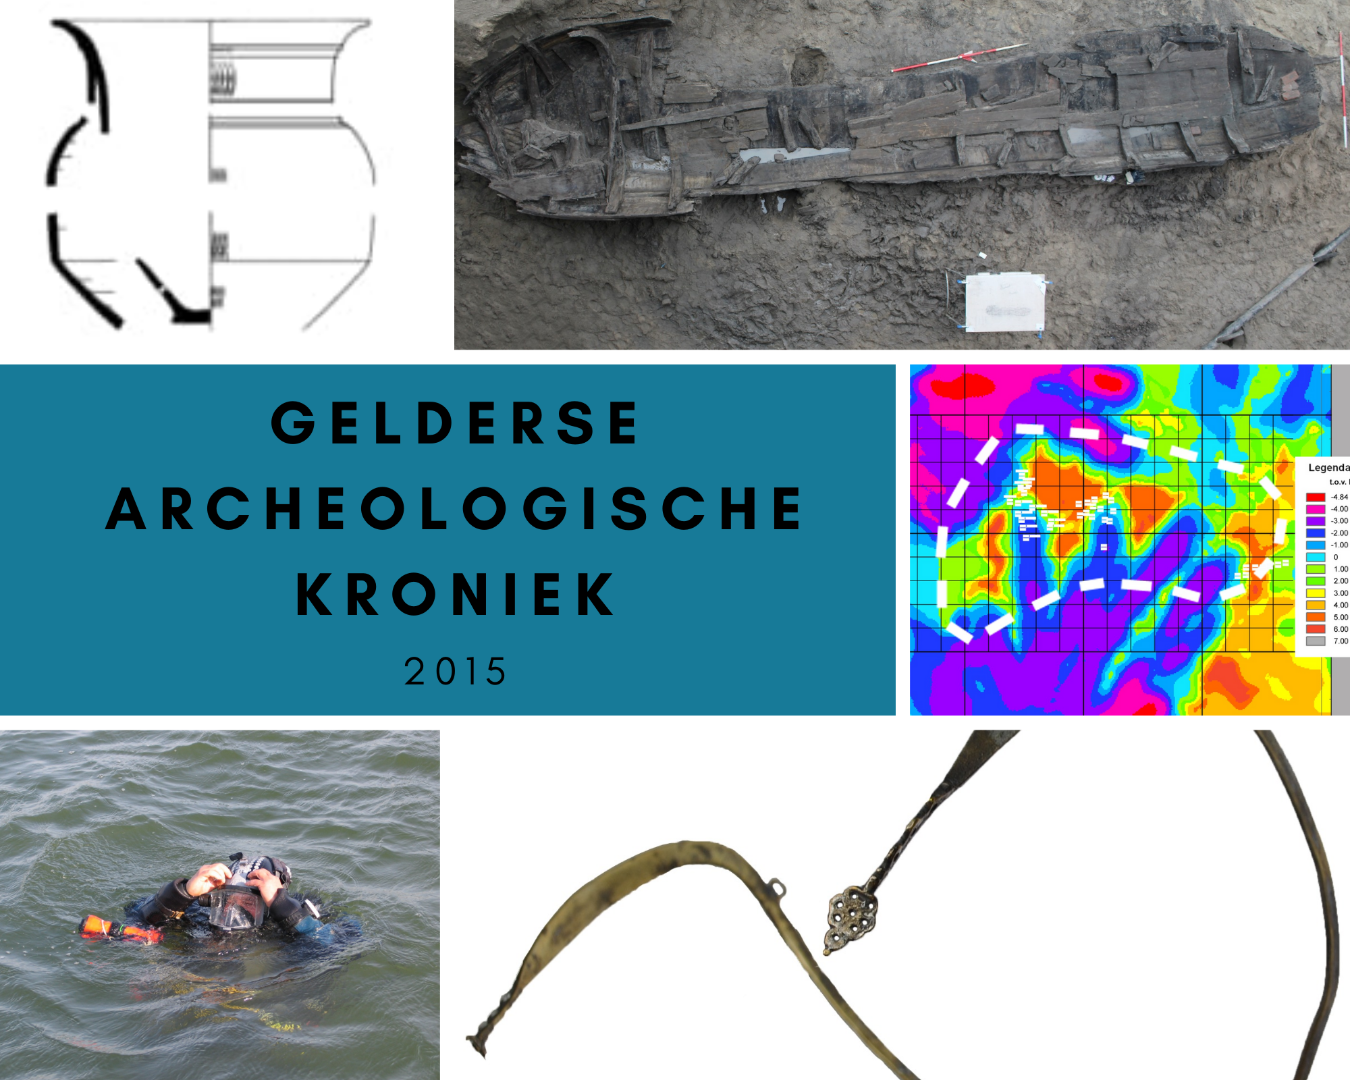 Gelderse Archeologische Kroniek 2015